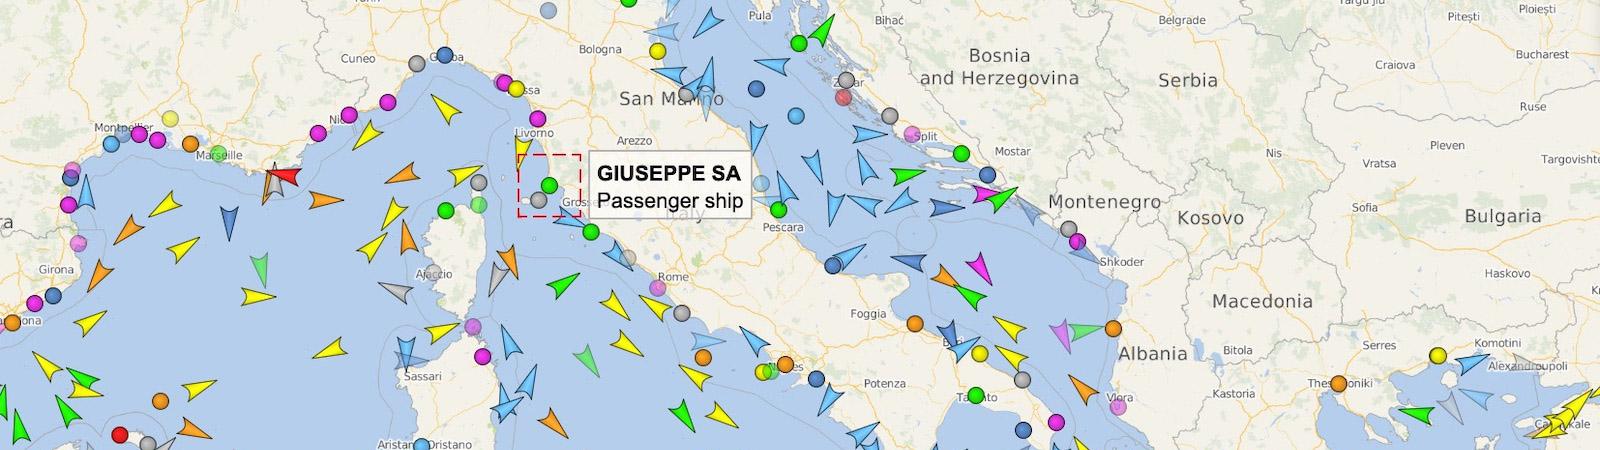 Posizione attuale delle Navi e Traghetti